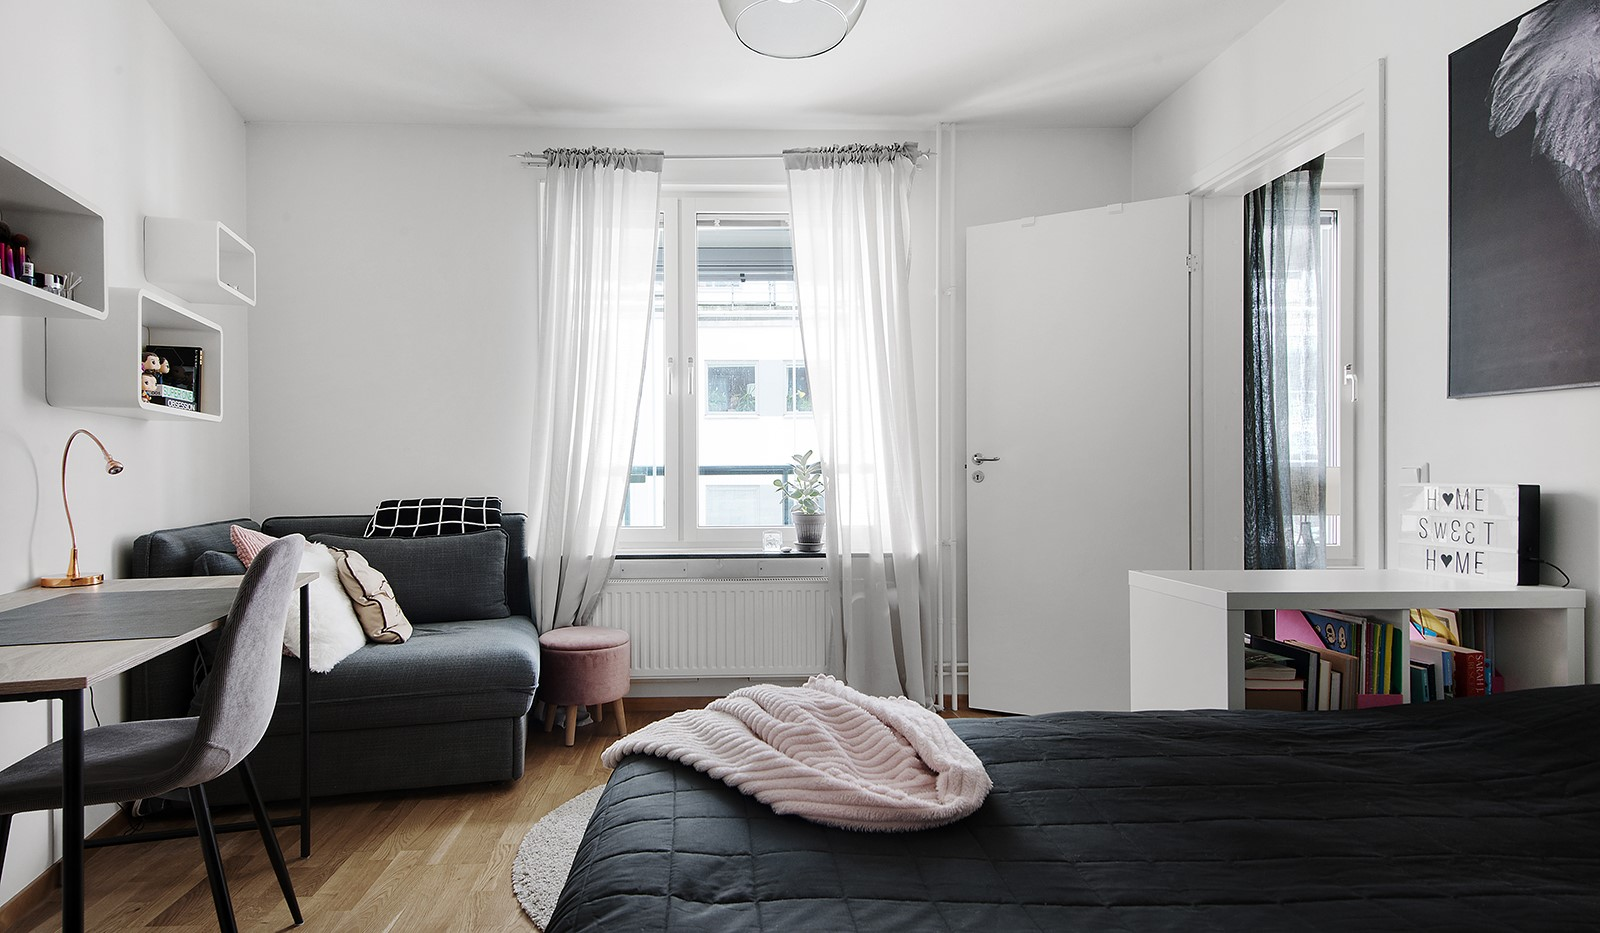 Grönbrinksgatan 6, 4tr - Sovrum 3: Stort sovrum med plats för stor säng, skrivbord och sittgrupp.